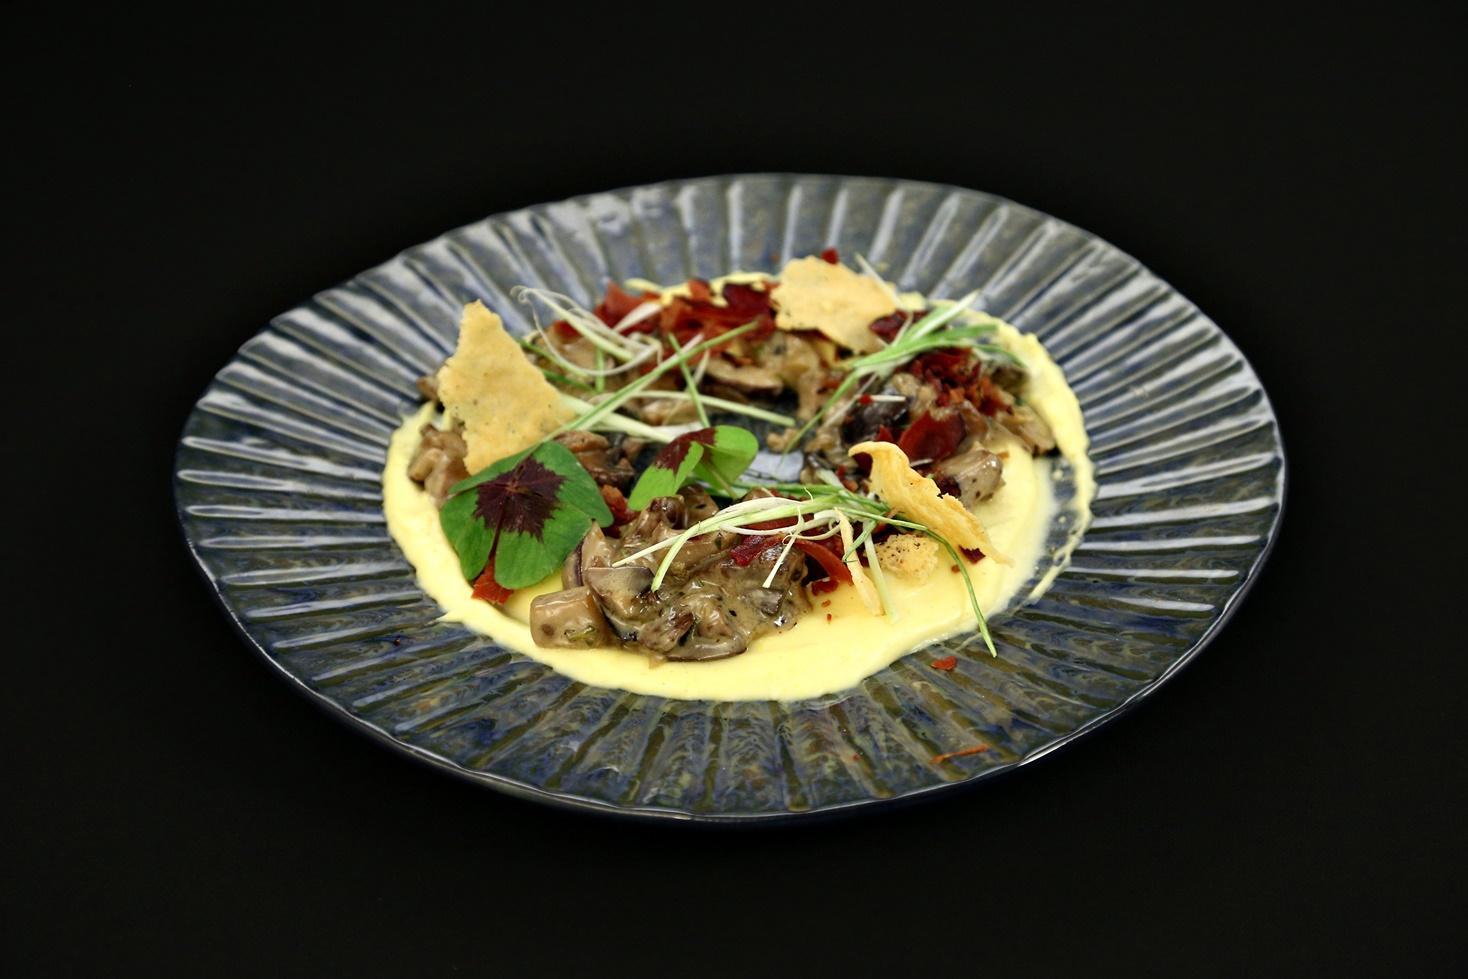 Rețetă de tocăniță de ciuperci cu mămăligă cremoasă și chipsuri de parmezan, gătită de concurentul Paul Maxim la Chefi la cuțite